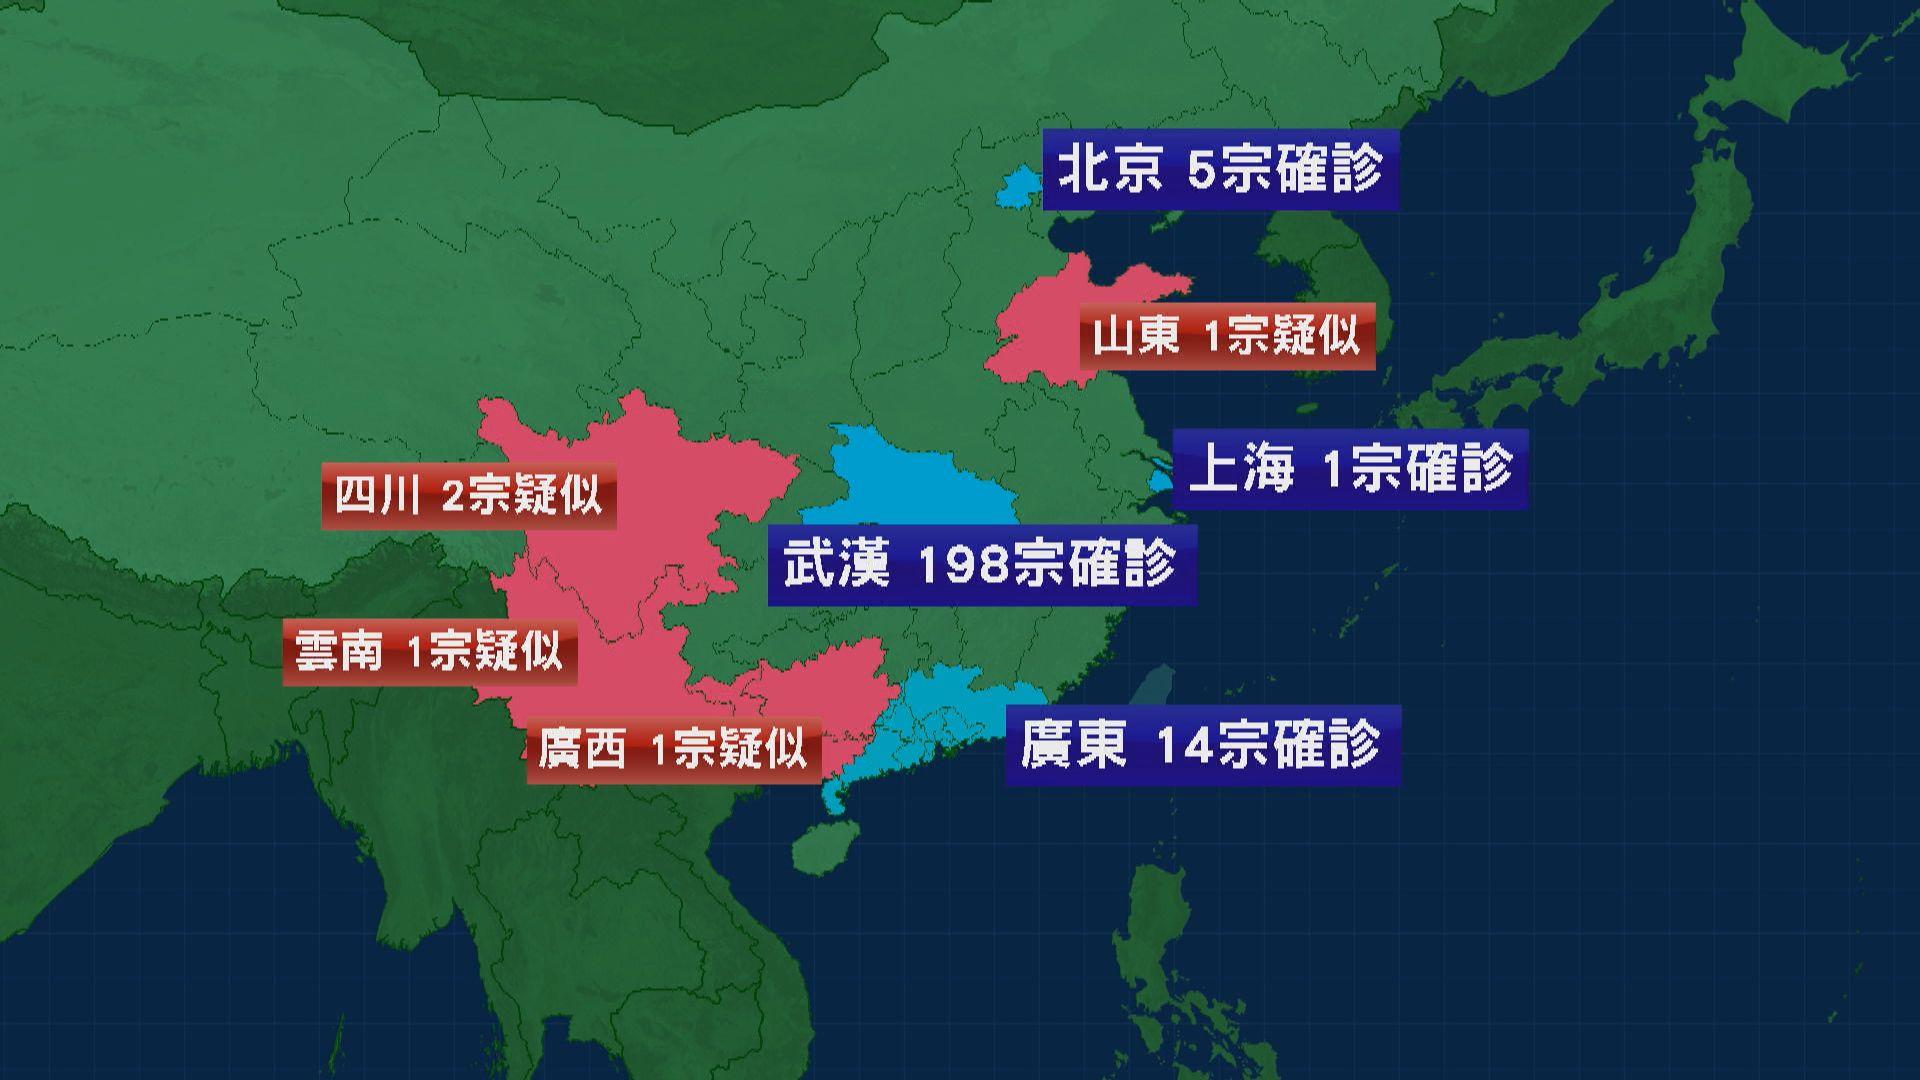 武漢新型冠狀病毒全國確診個案突破200宗